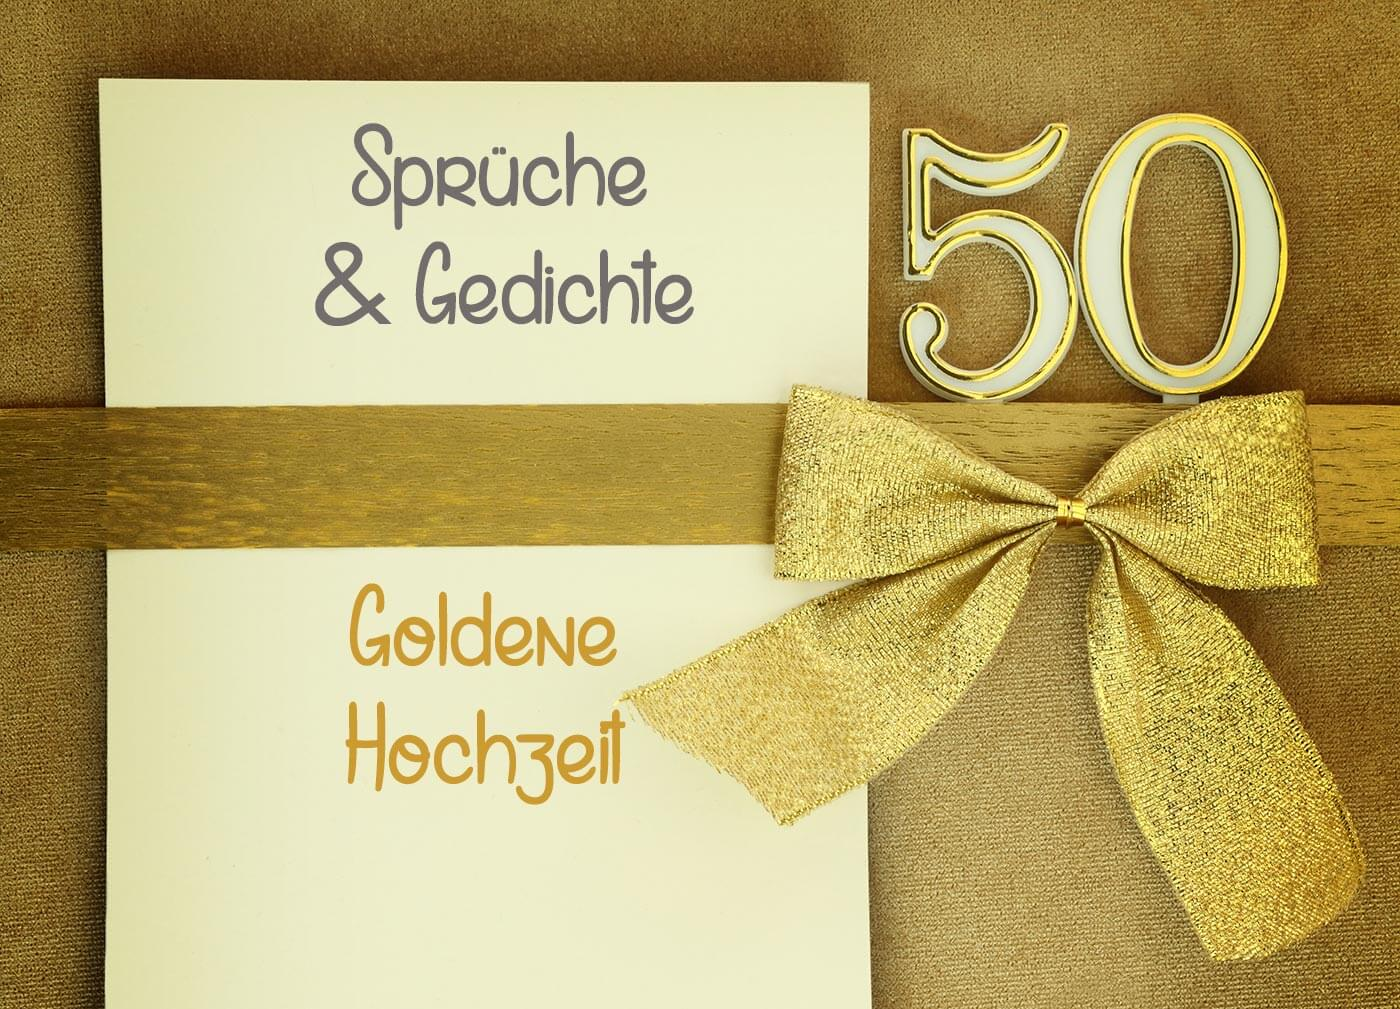 Goldene Hochzeit  Sprche  Gedichte  Hochzeitsportal24